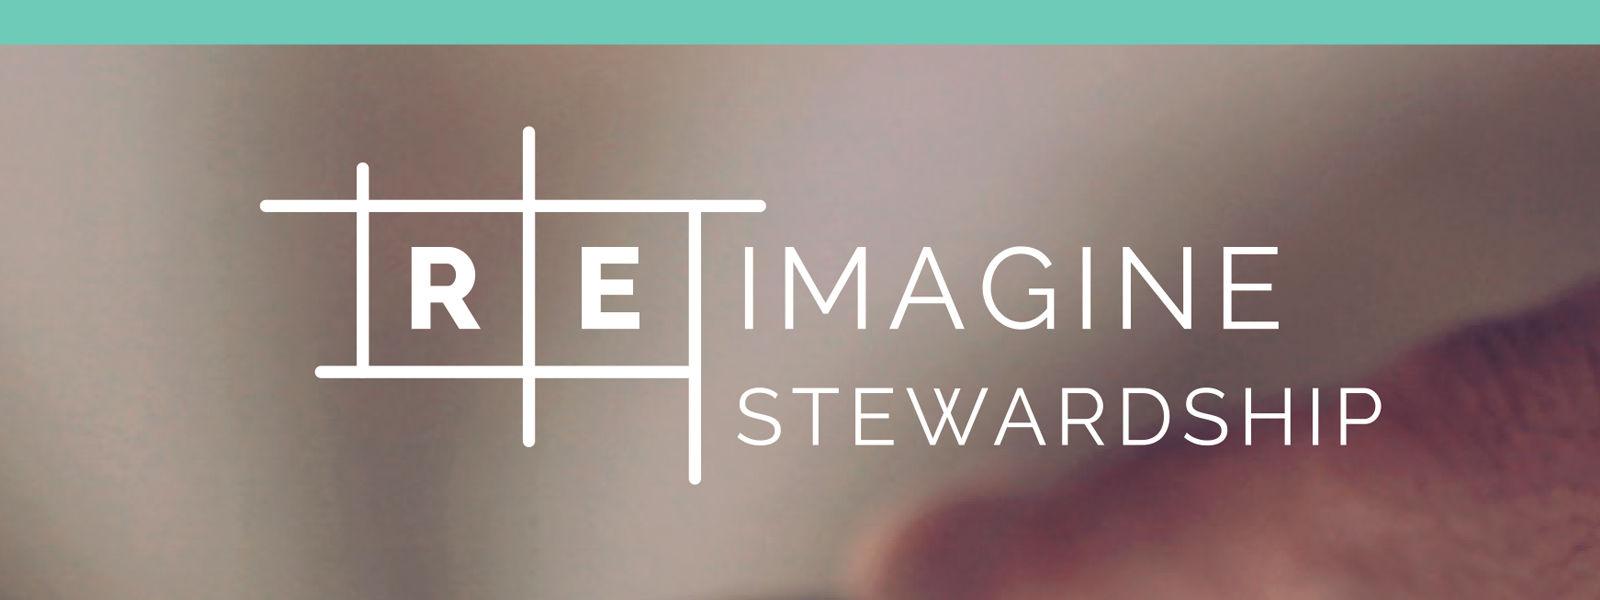 Reimagine Stewardship